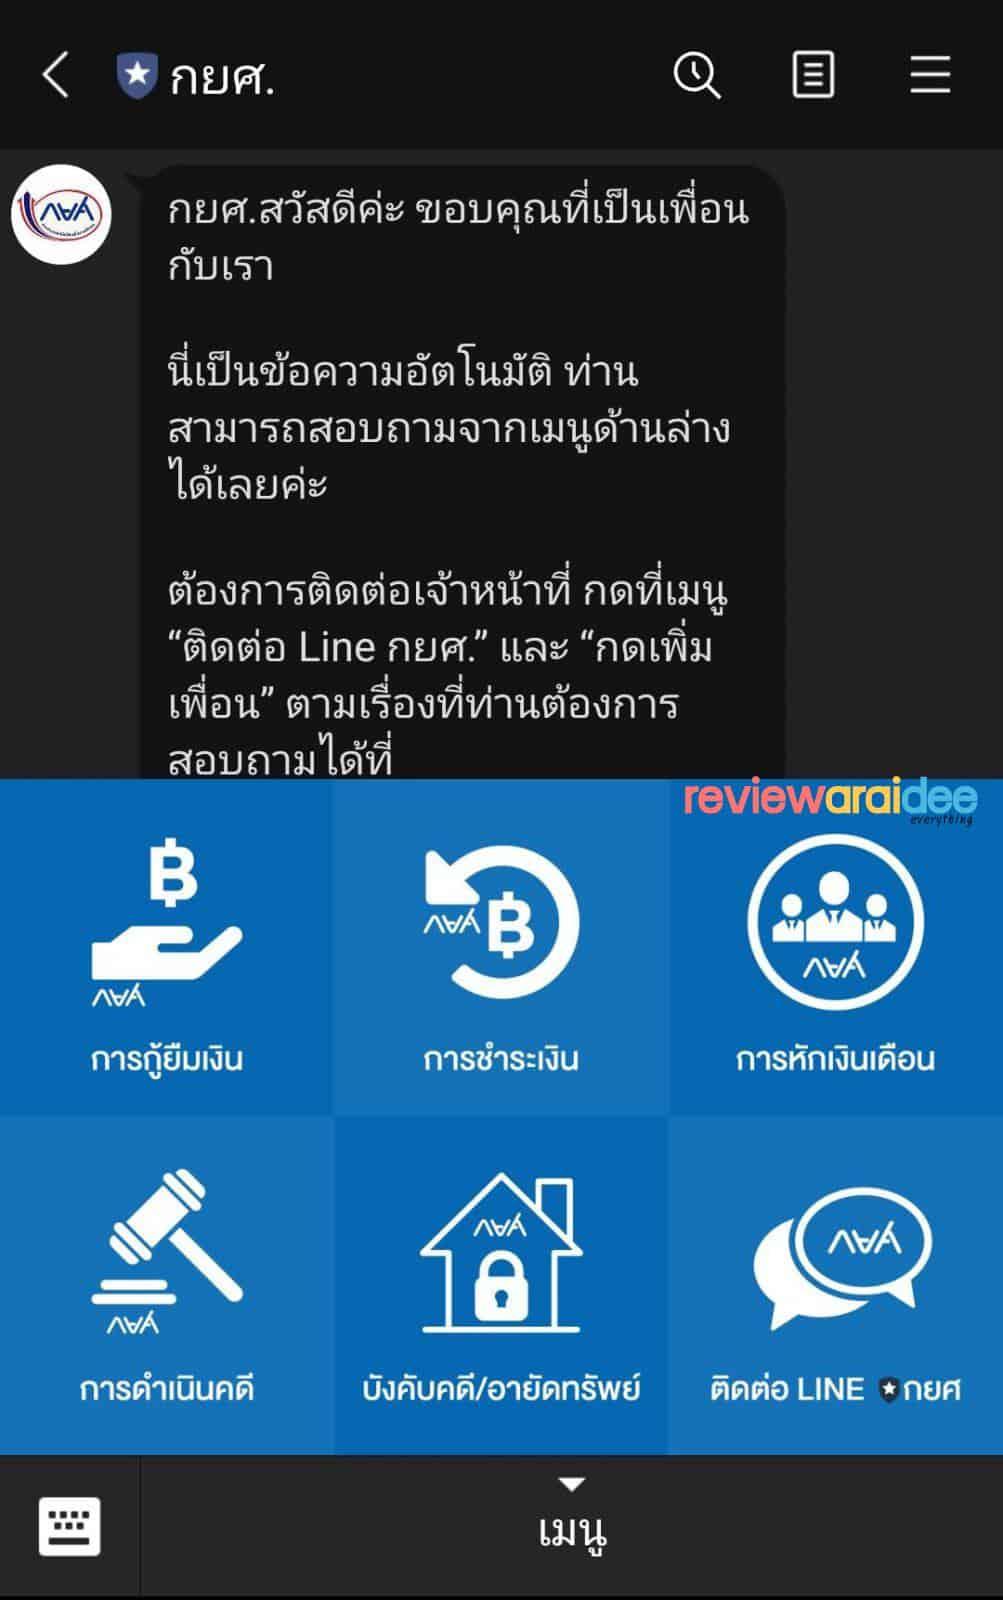 Line@ ช่องทางติดต่อกองทุนเงินให้กู้ยืมเพื่อการศึกษา (กยศ.) ผ่านทางออนไลน์